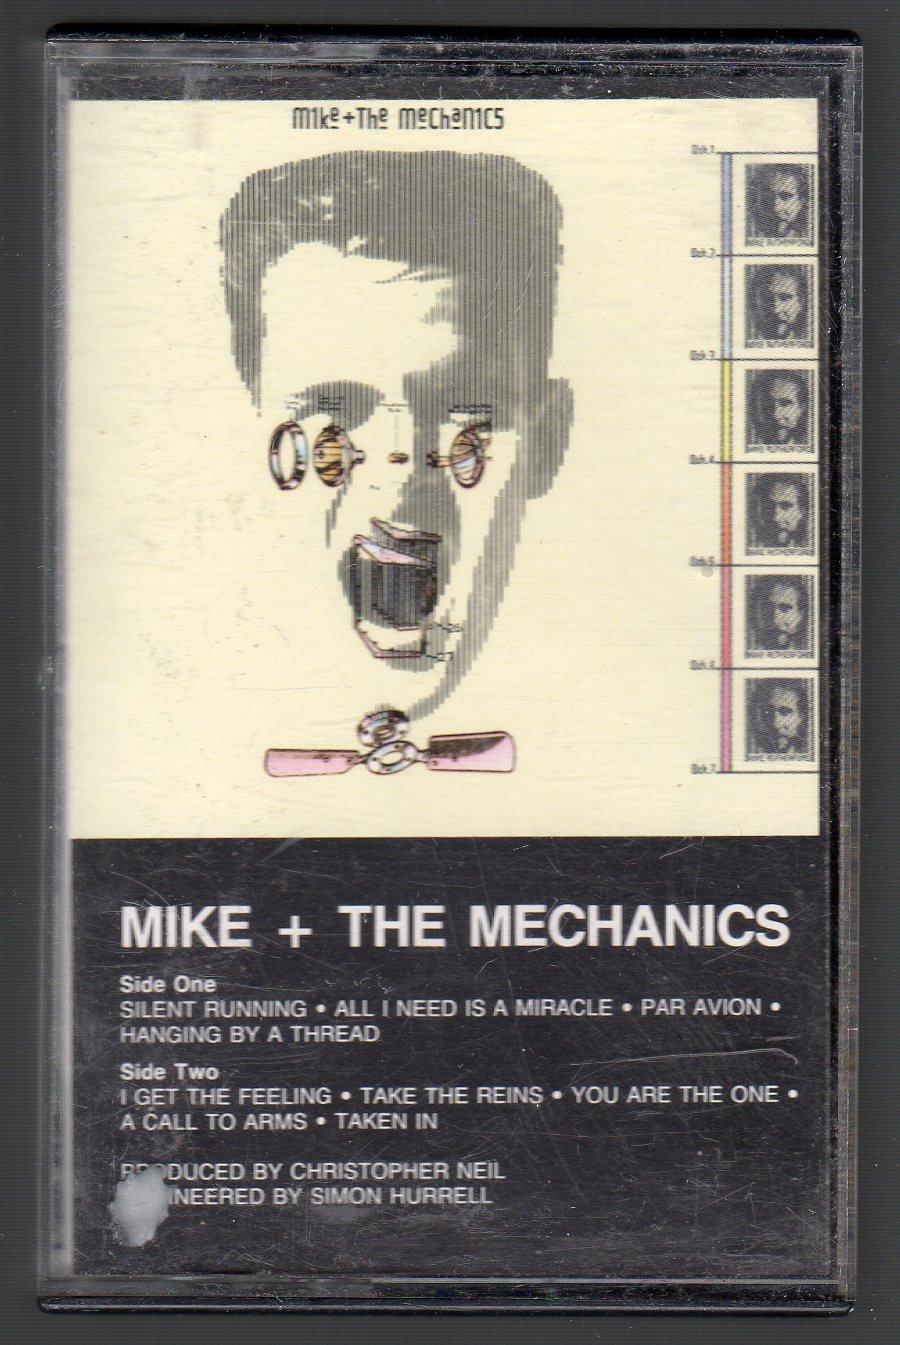 Mike + The Mechanics - Mike + The Mechanics Cassette Tape